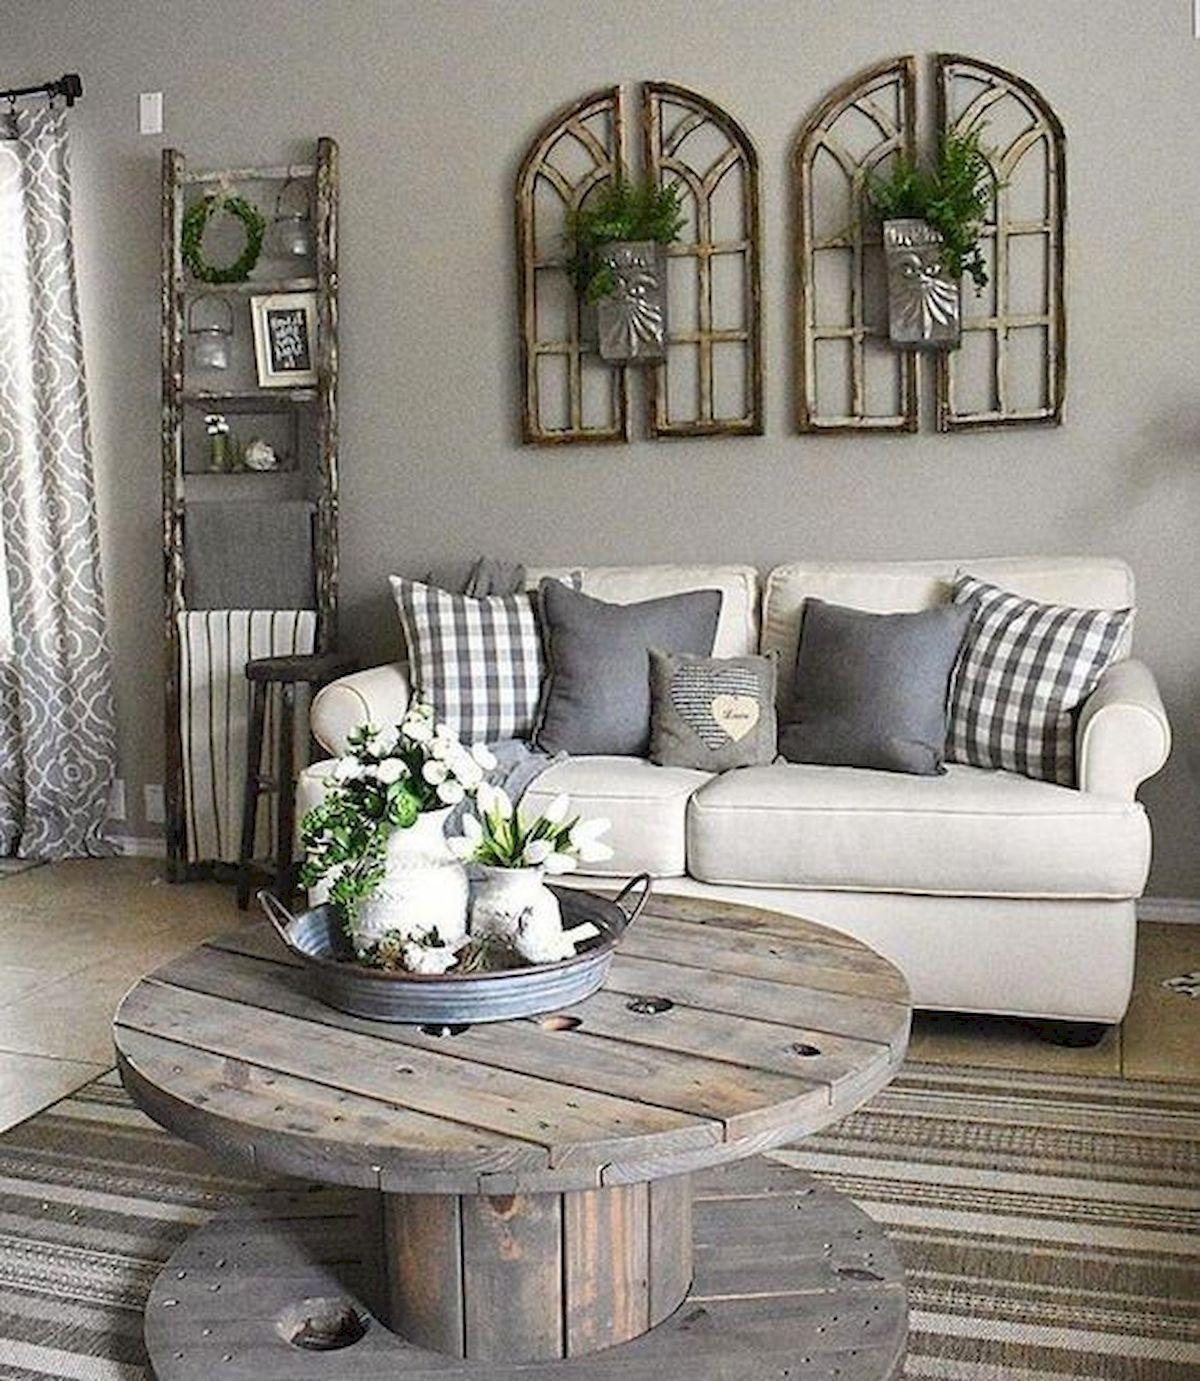 50 Cozy Farmhouse Living Room Design And Decor Ideas (2)